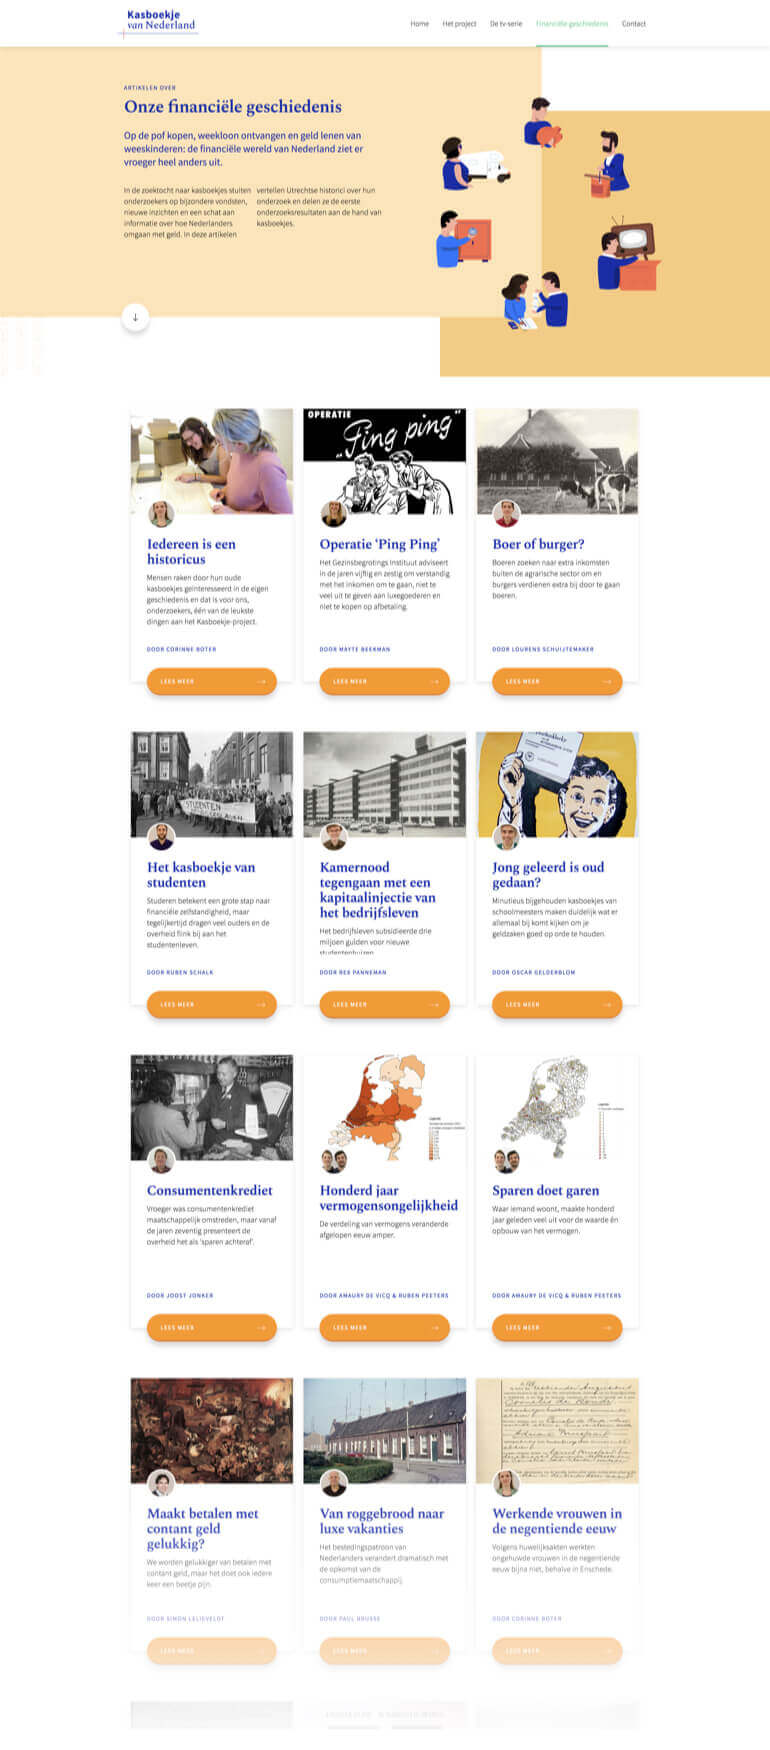 Kaboekje van Nederland pagina die alle artikelen en onderzoeken laat zien.